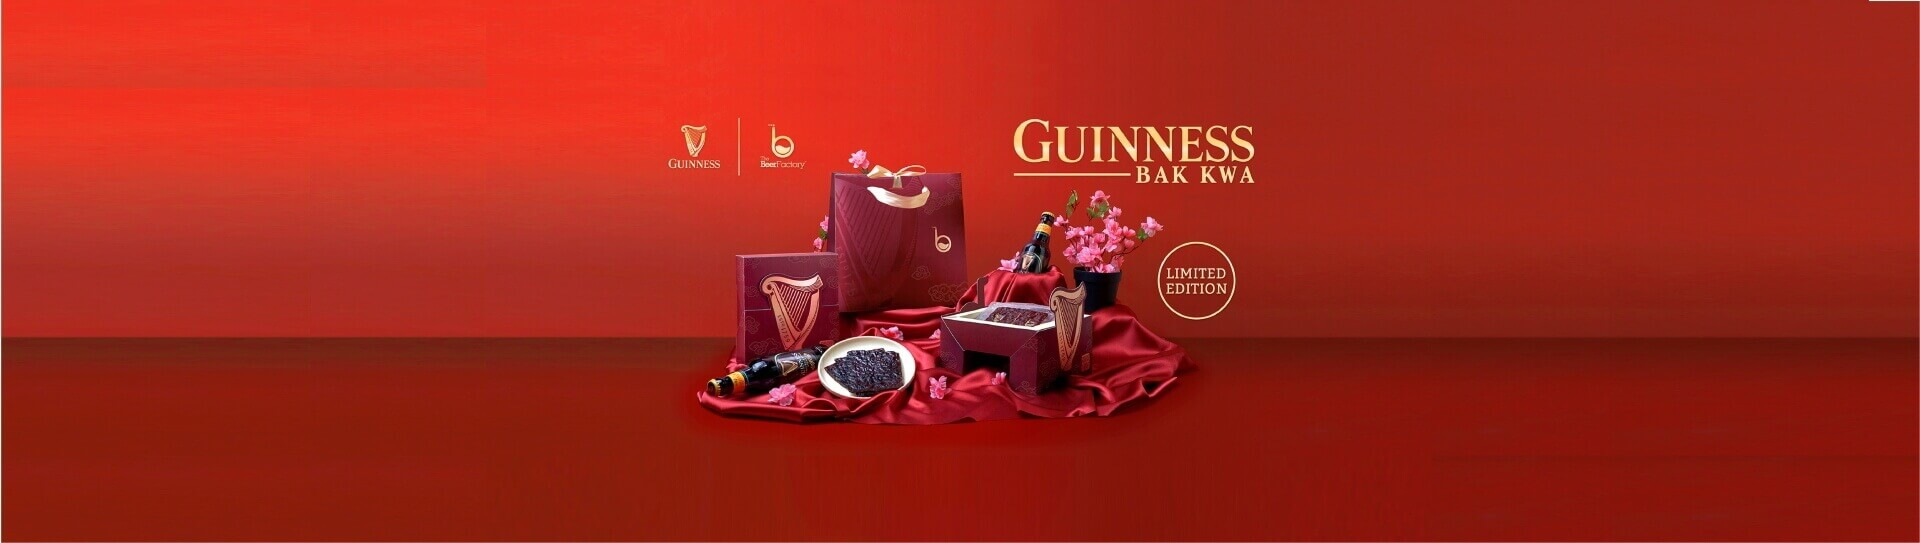 Guinness Bakkwa